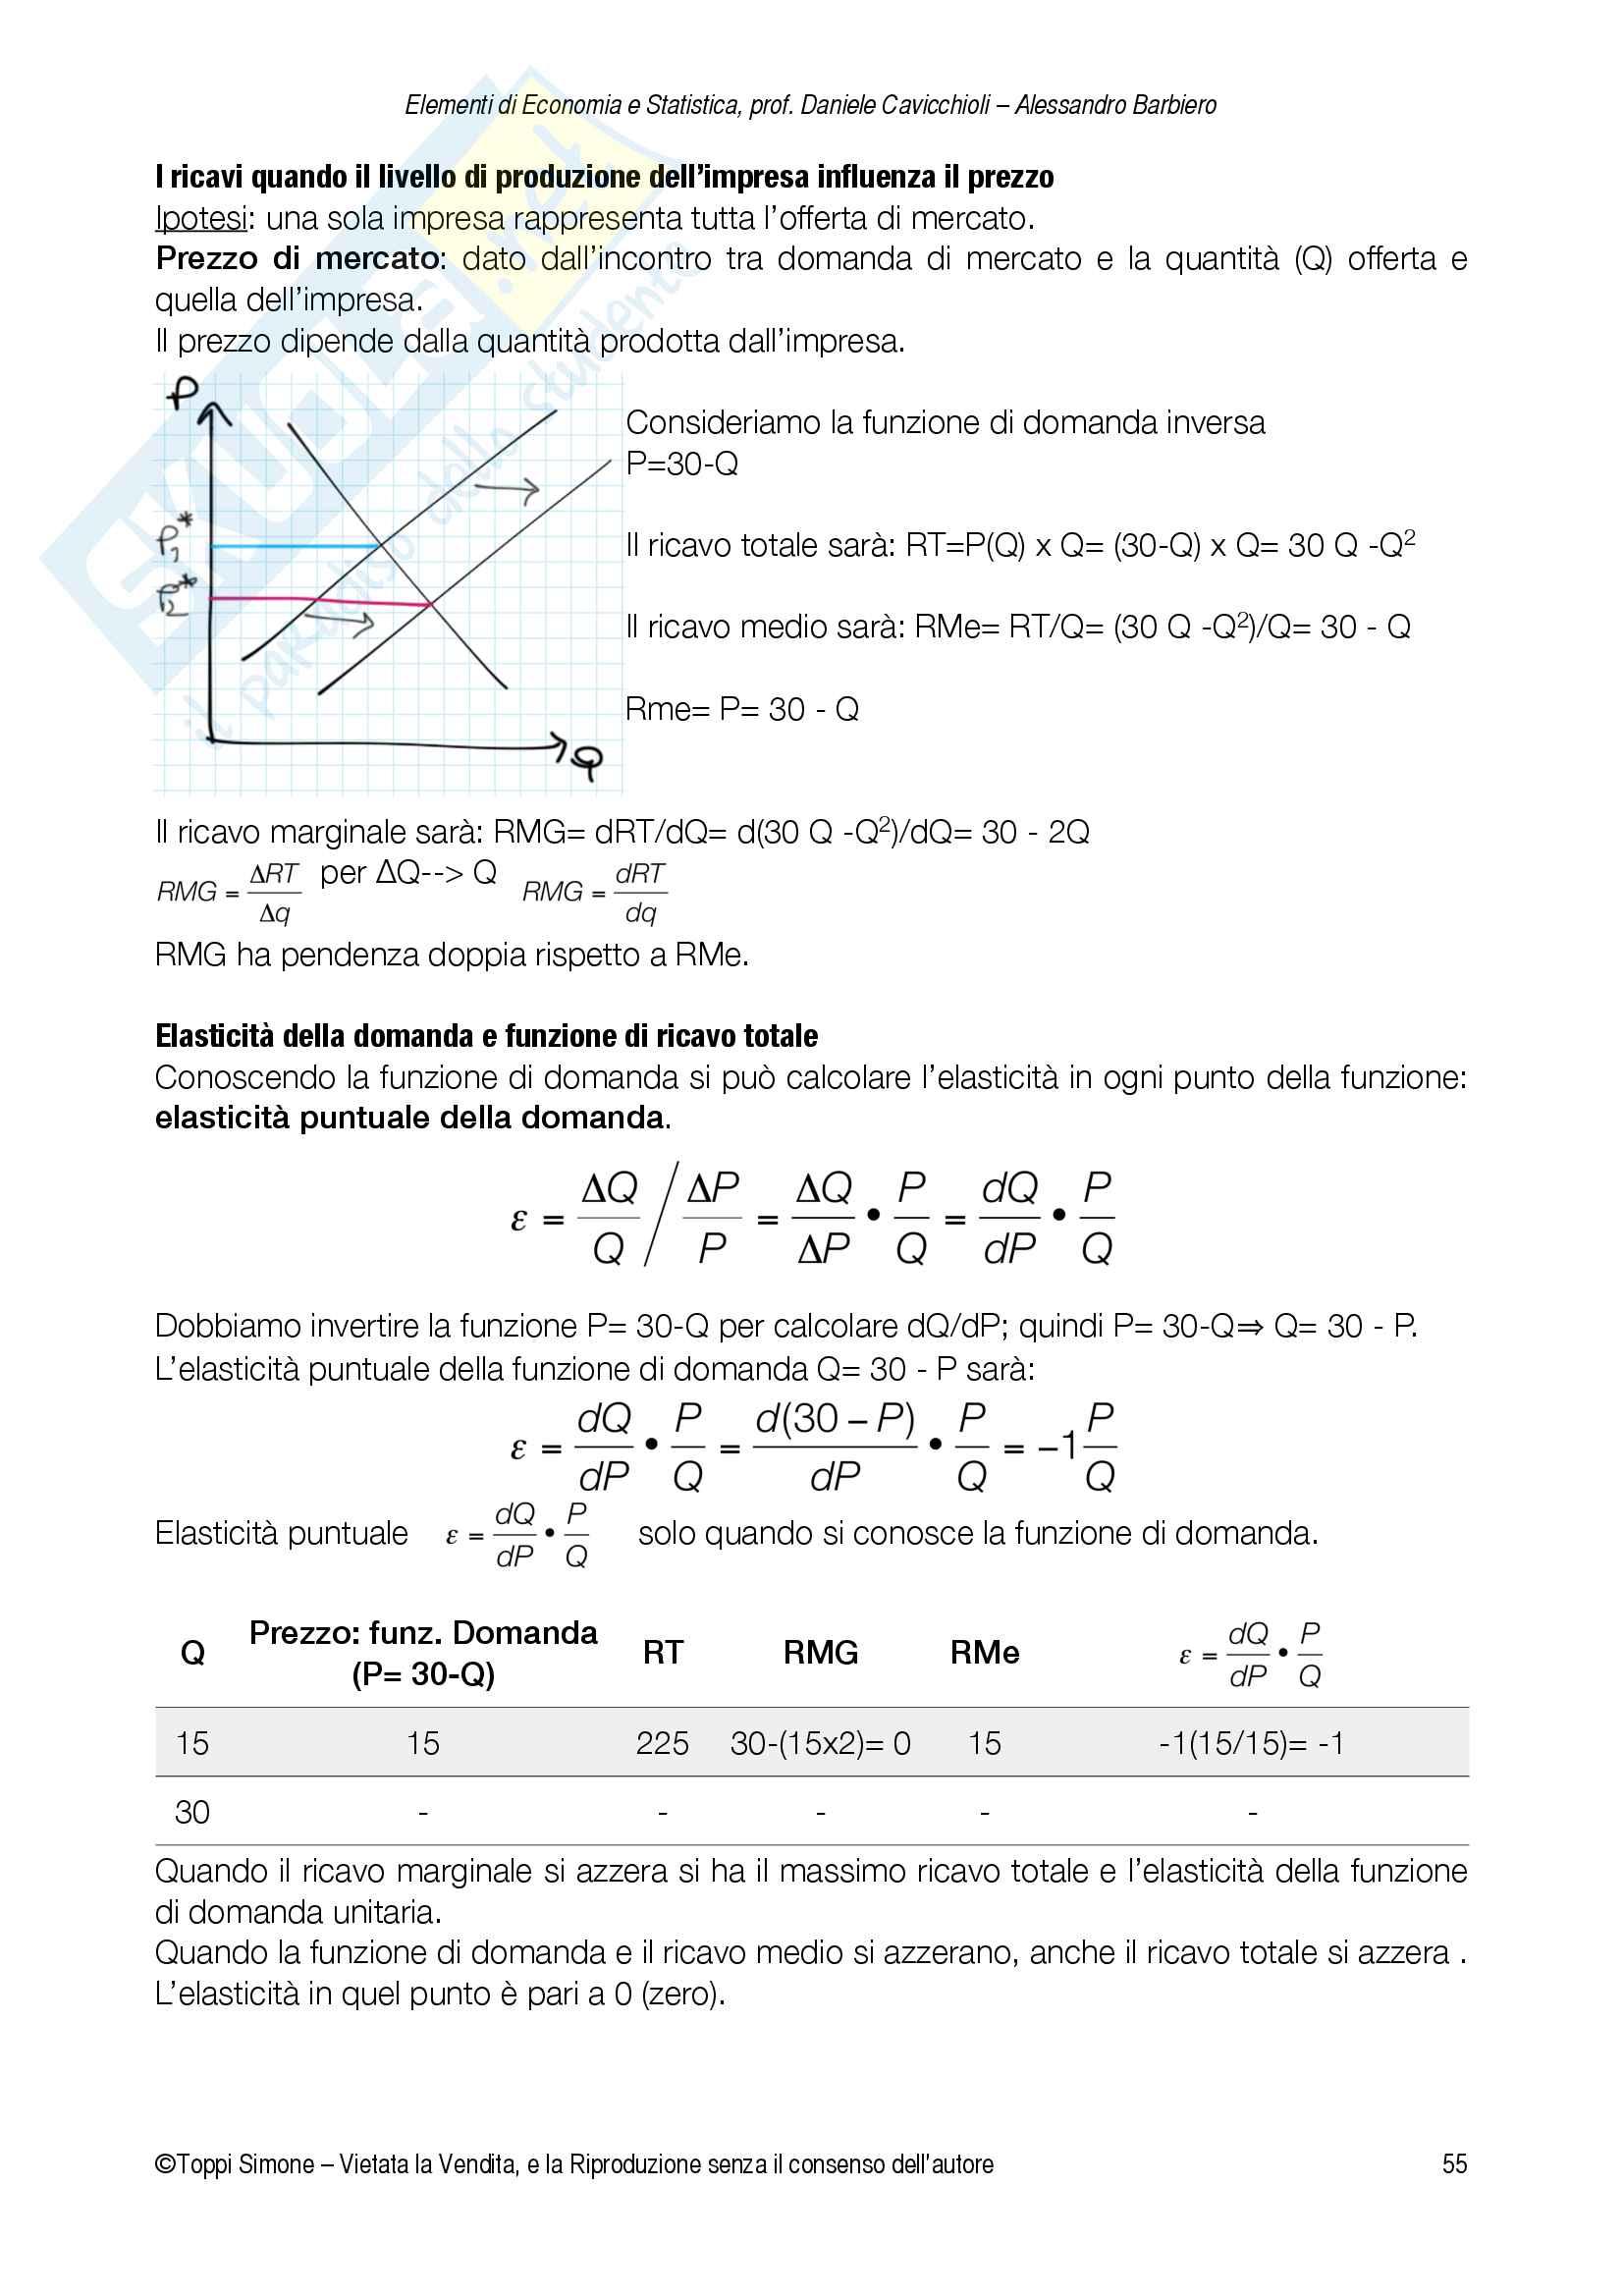 Appunti Economia e Statistica Pag. 56